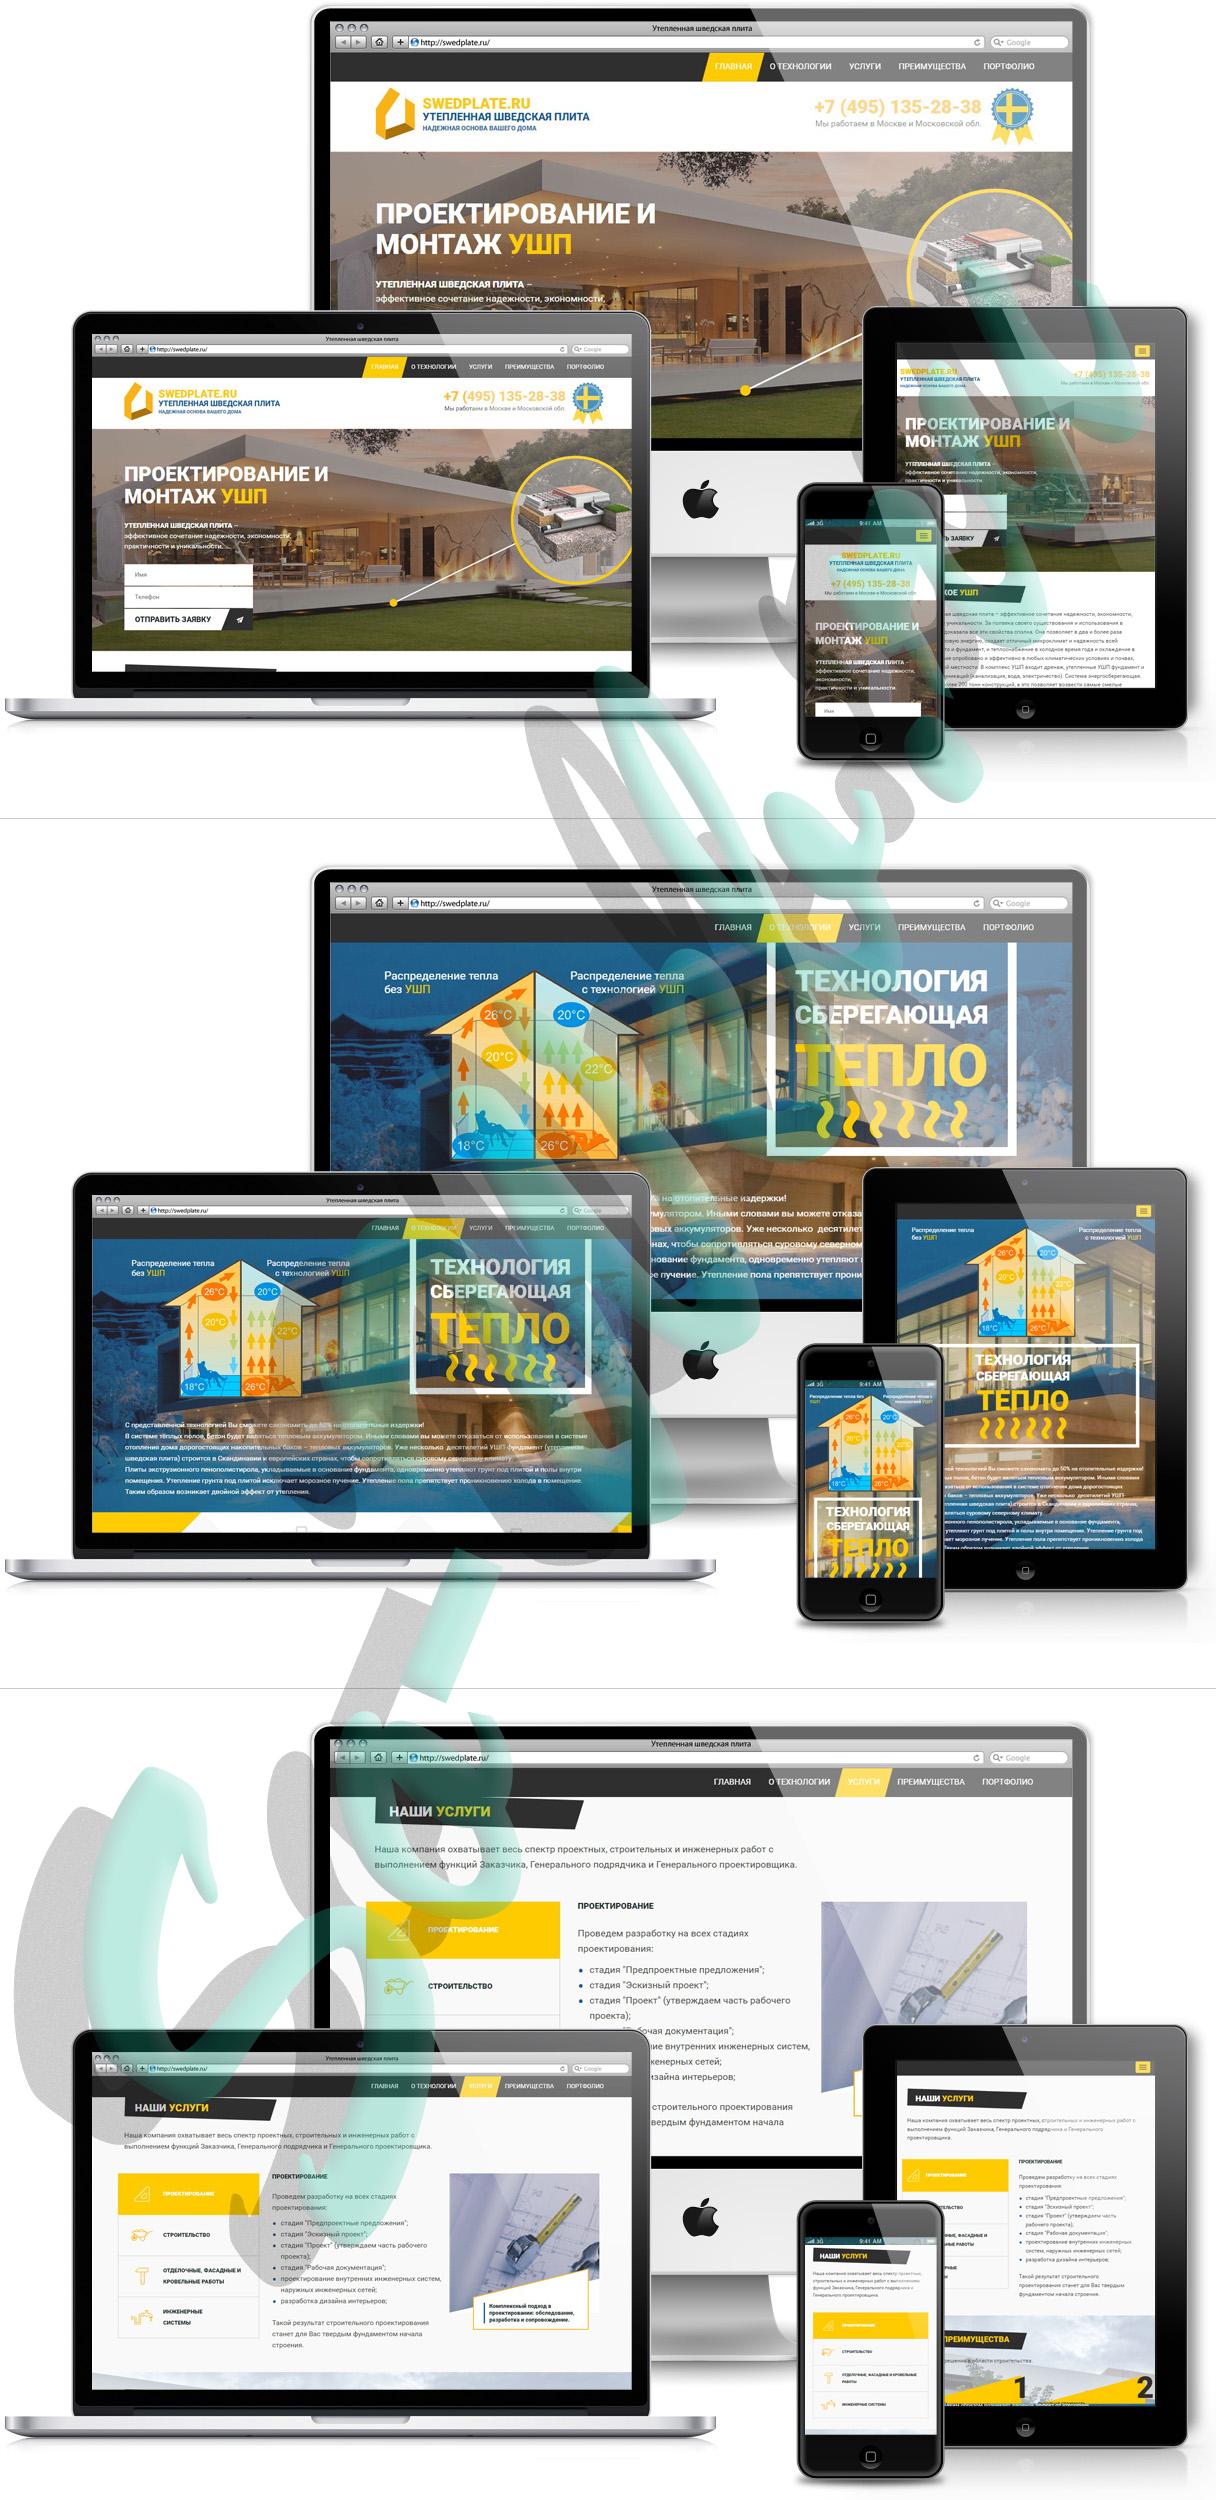 Адаптивная верстка Landing Page из PSD в HTML на Bootstrap - Утепленная шведская плита